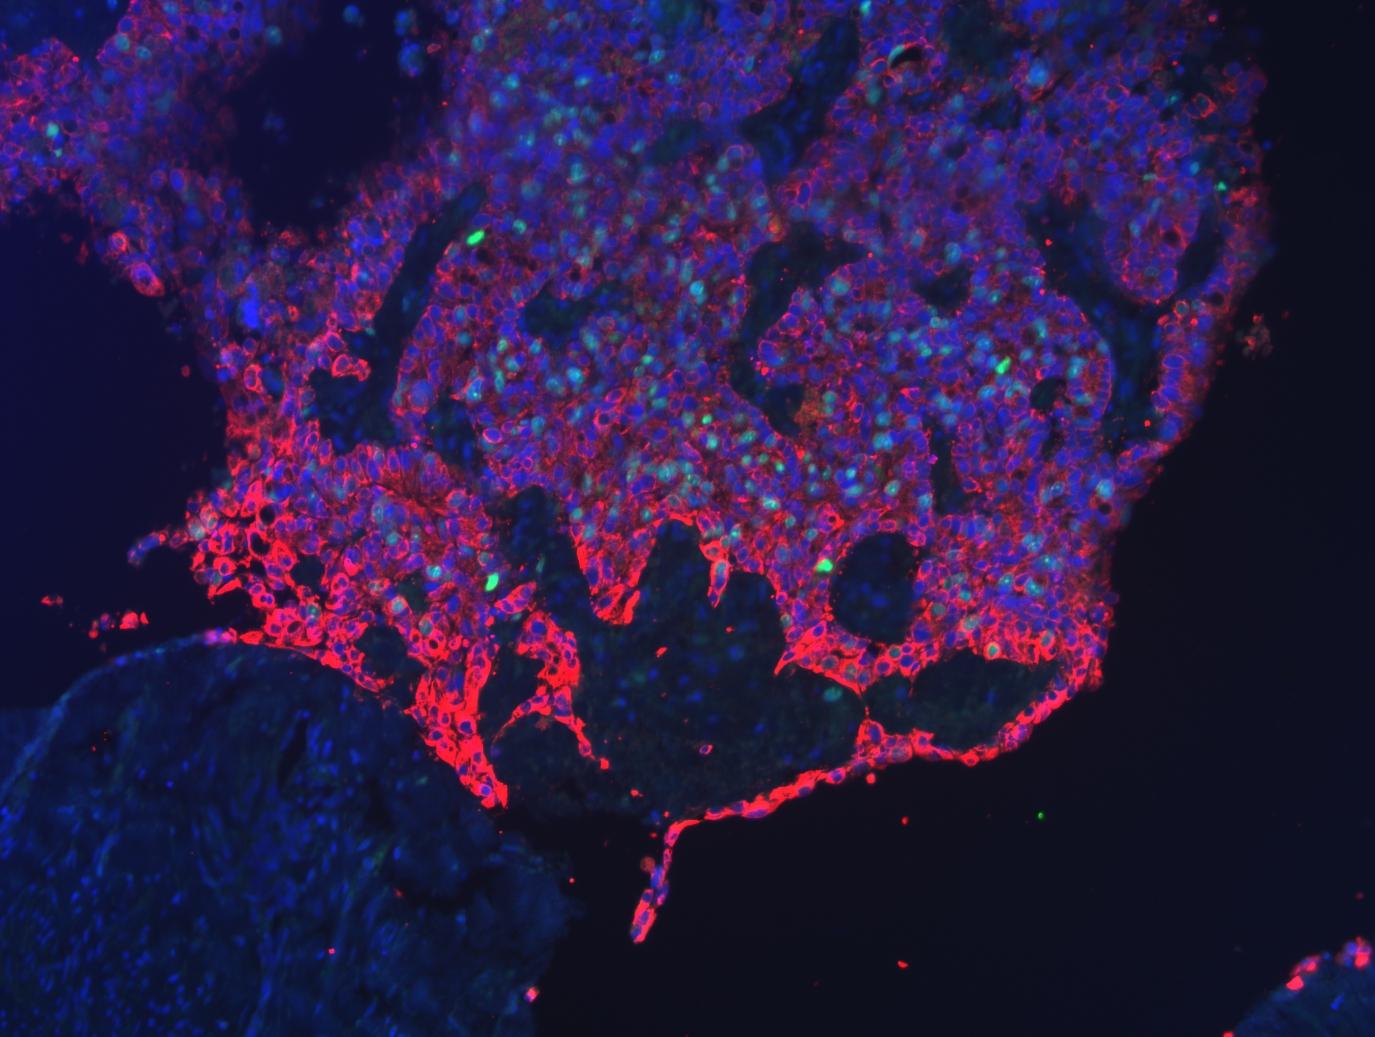 Imagen de la fluorescencia de un tumor delante del cuello uterino. Los núcleos celulares se muestran en azul y las células que se están dividiendo aparecen en verde. Las células tumorales, marcadas en rojo, se infiltran y suprimen el tejido sano. Foto: Hospital Universitario de Leipzig.